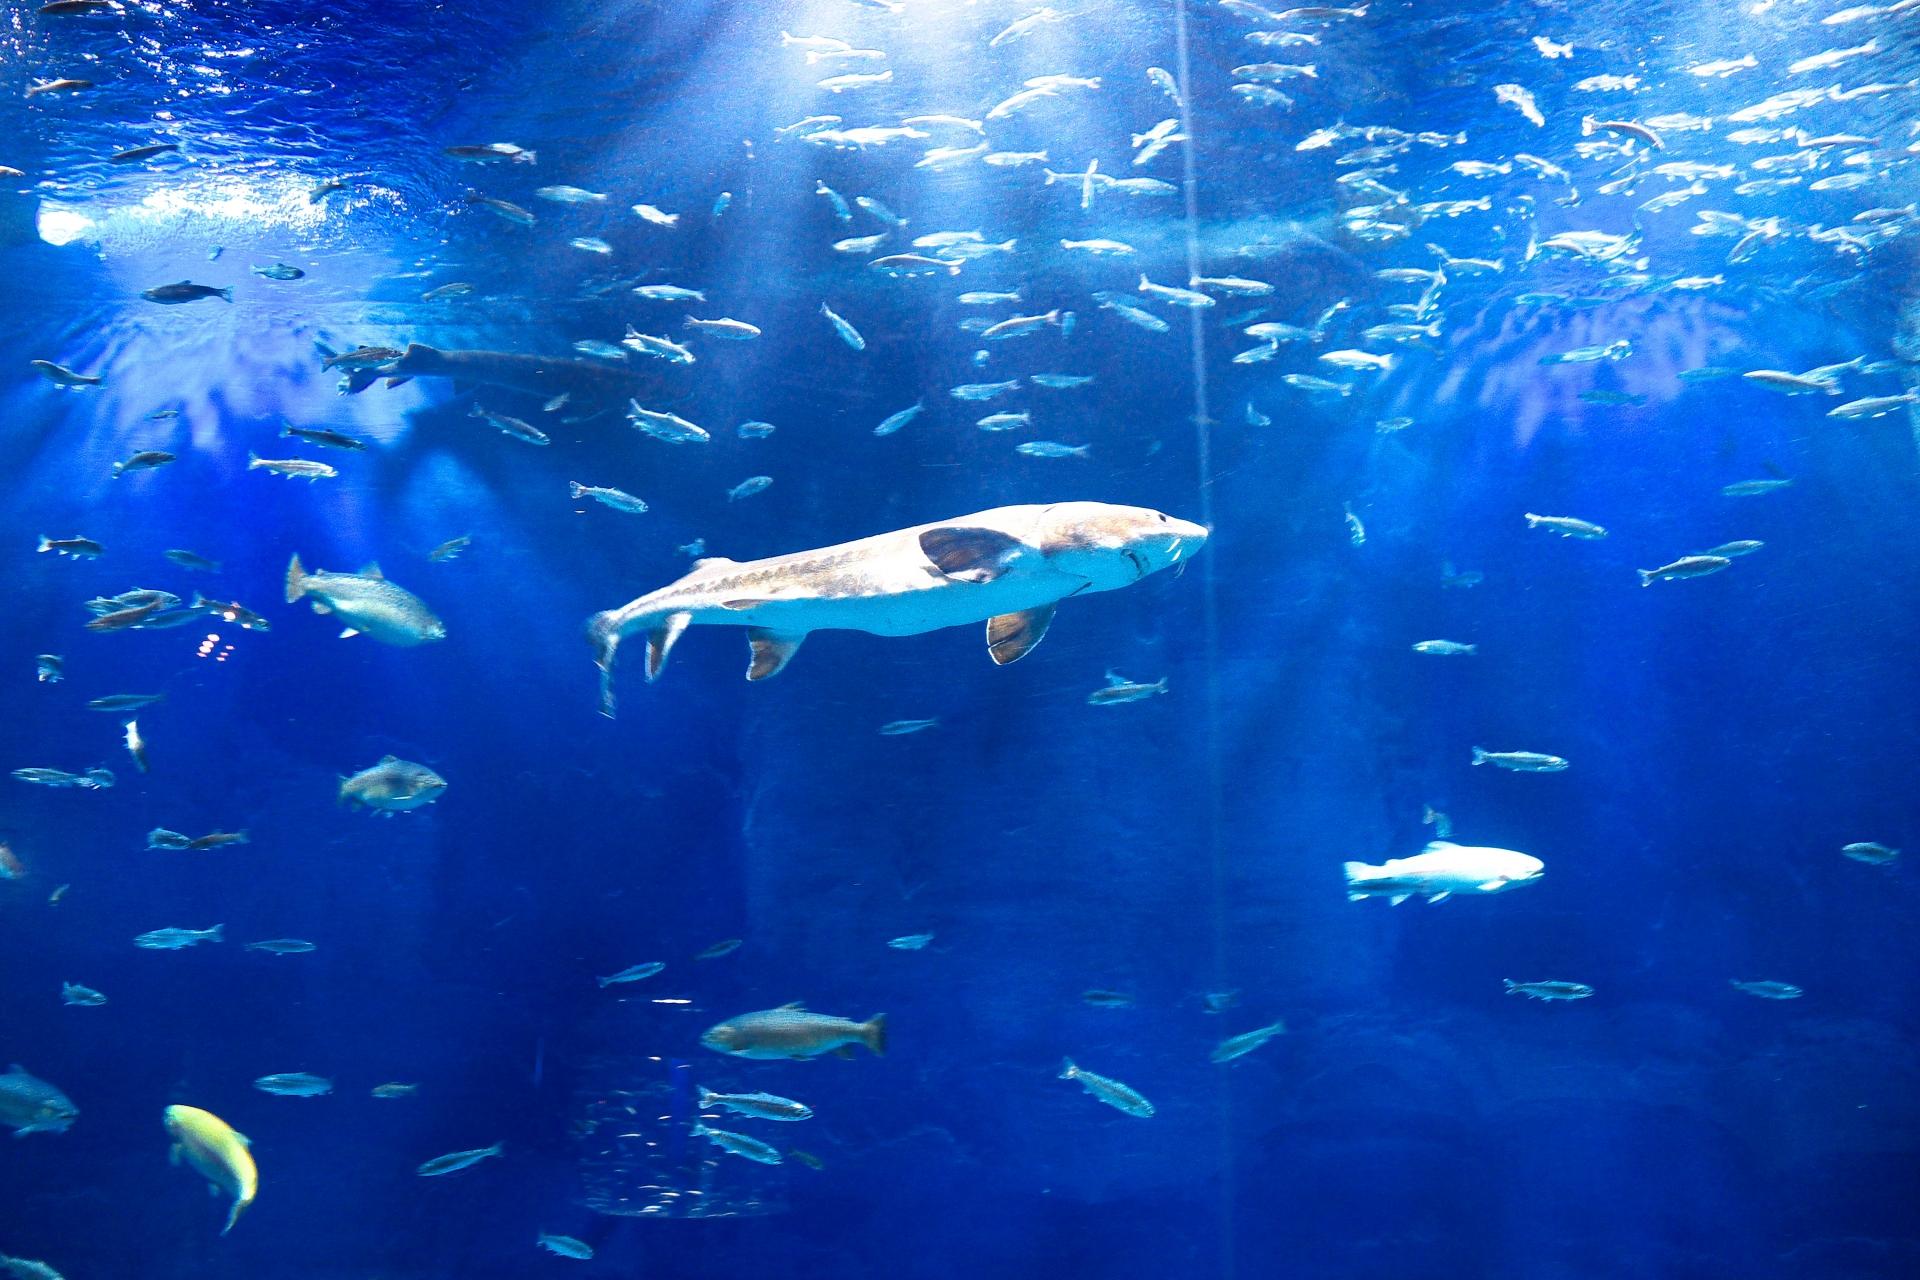 水族館の景色